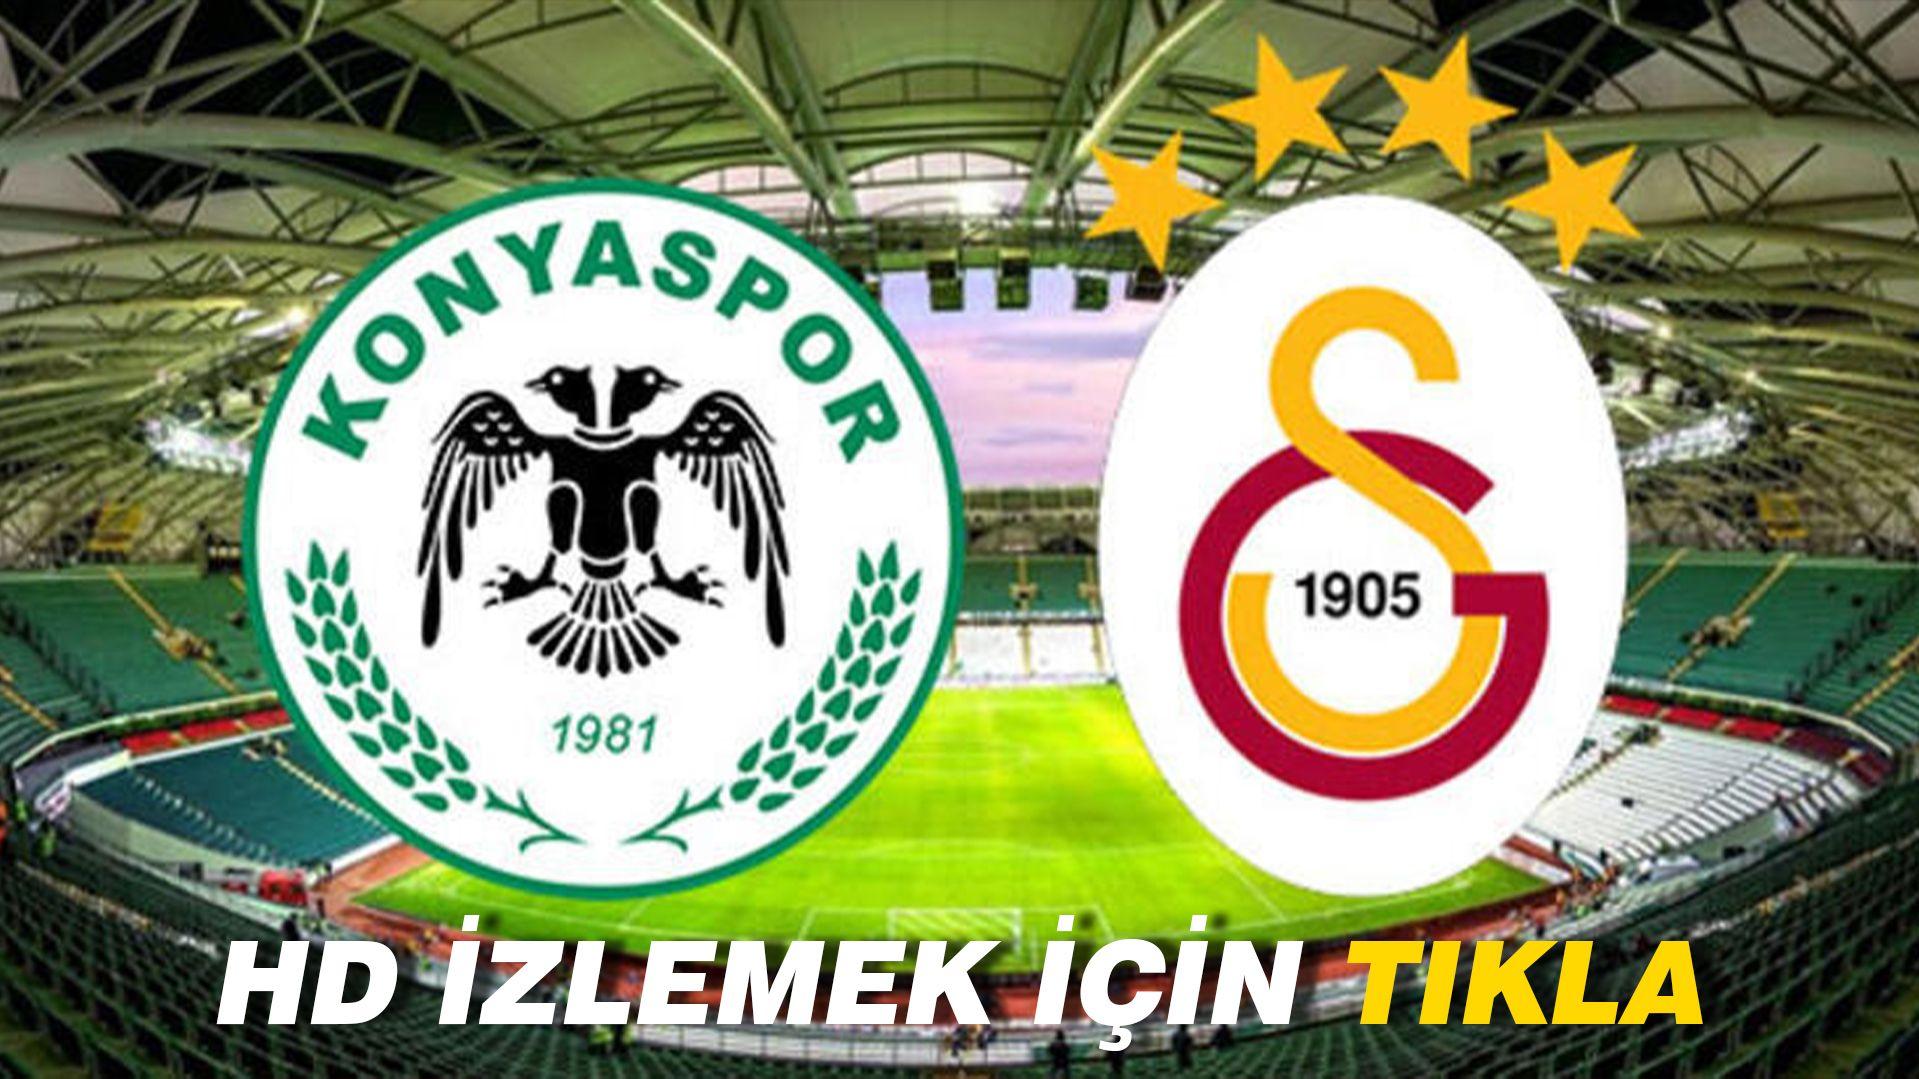 Bedava Izle Konyaspor Galatasaray Maci Sifresiz Canli Izle 6 Ocak 2021 2021 Spor Mac Izleme